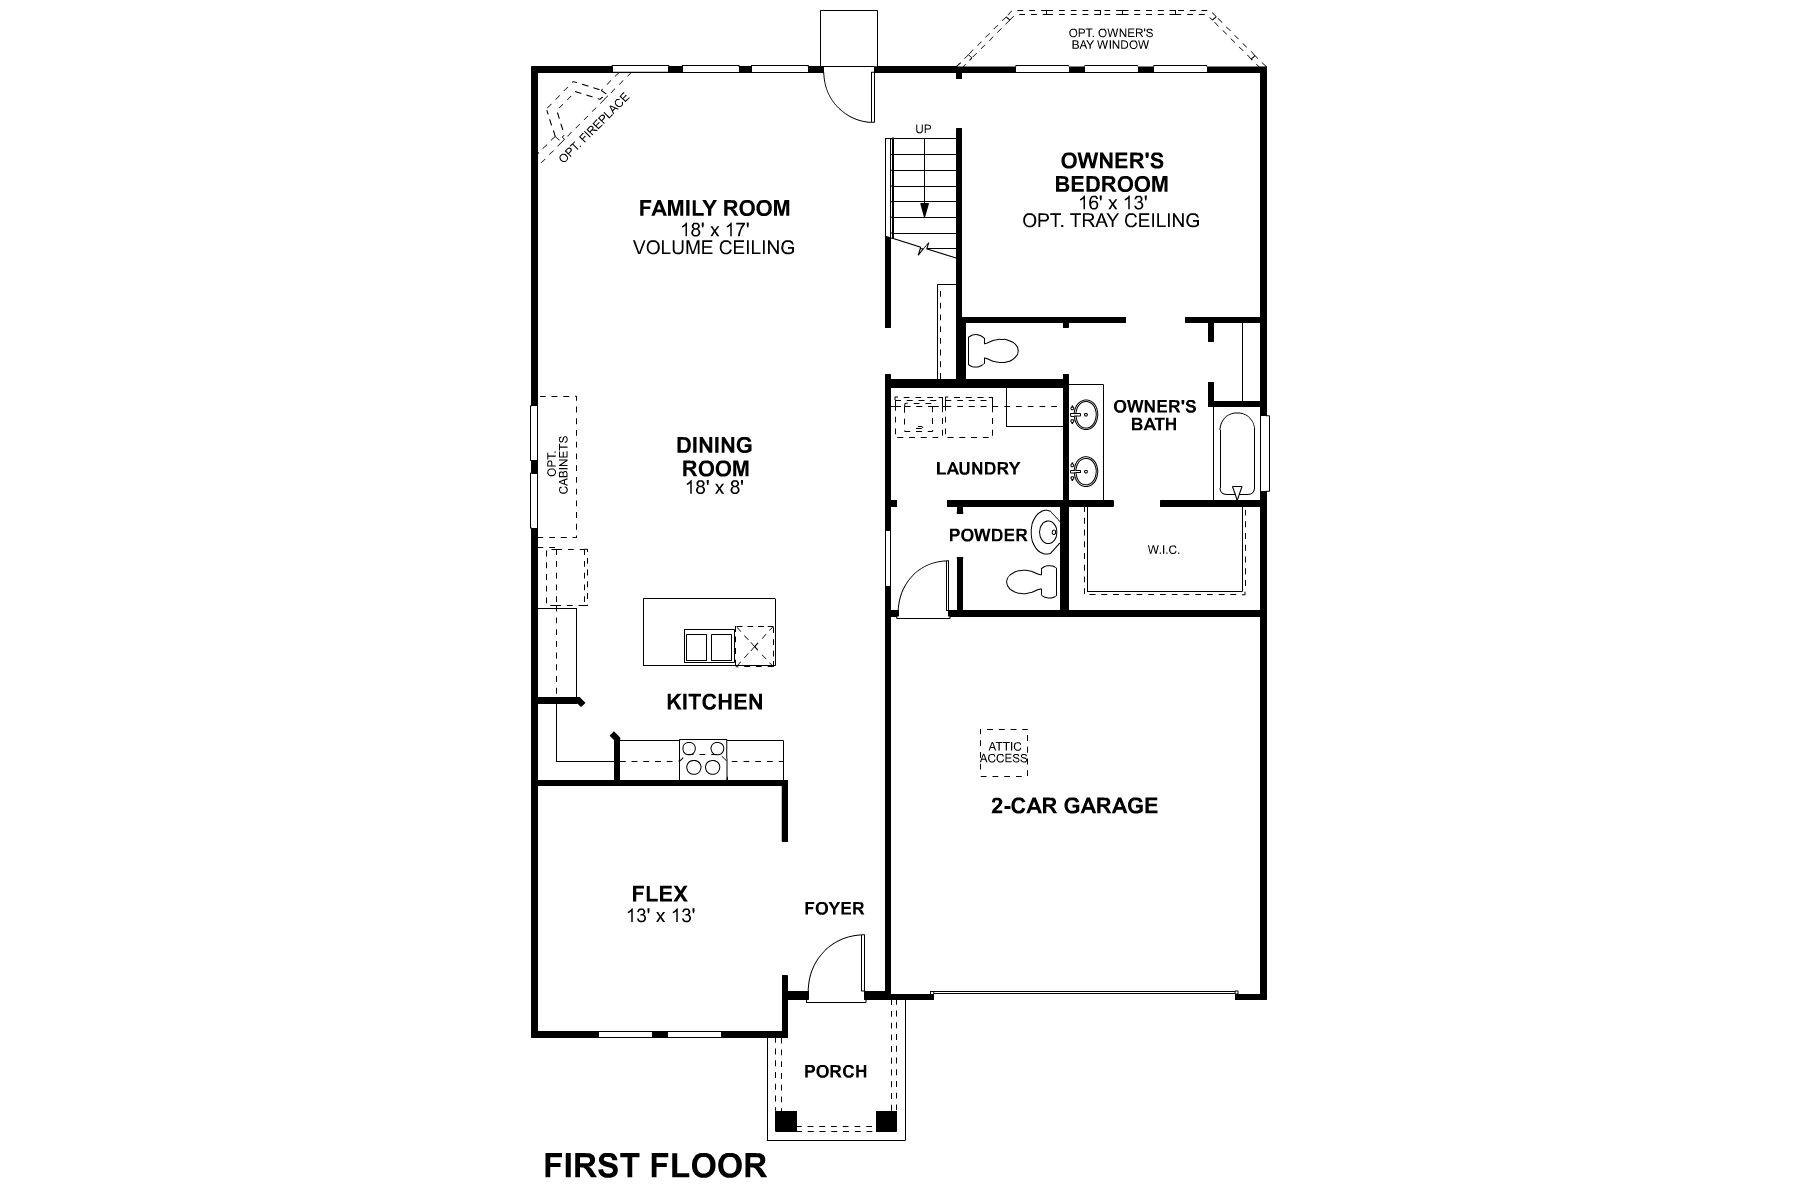 Birmingham First Floor